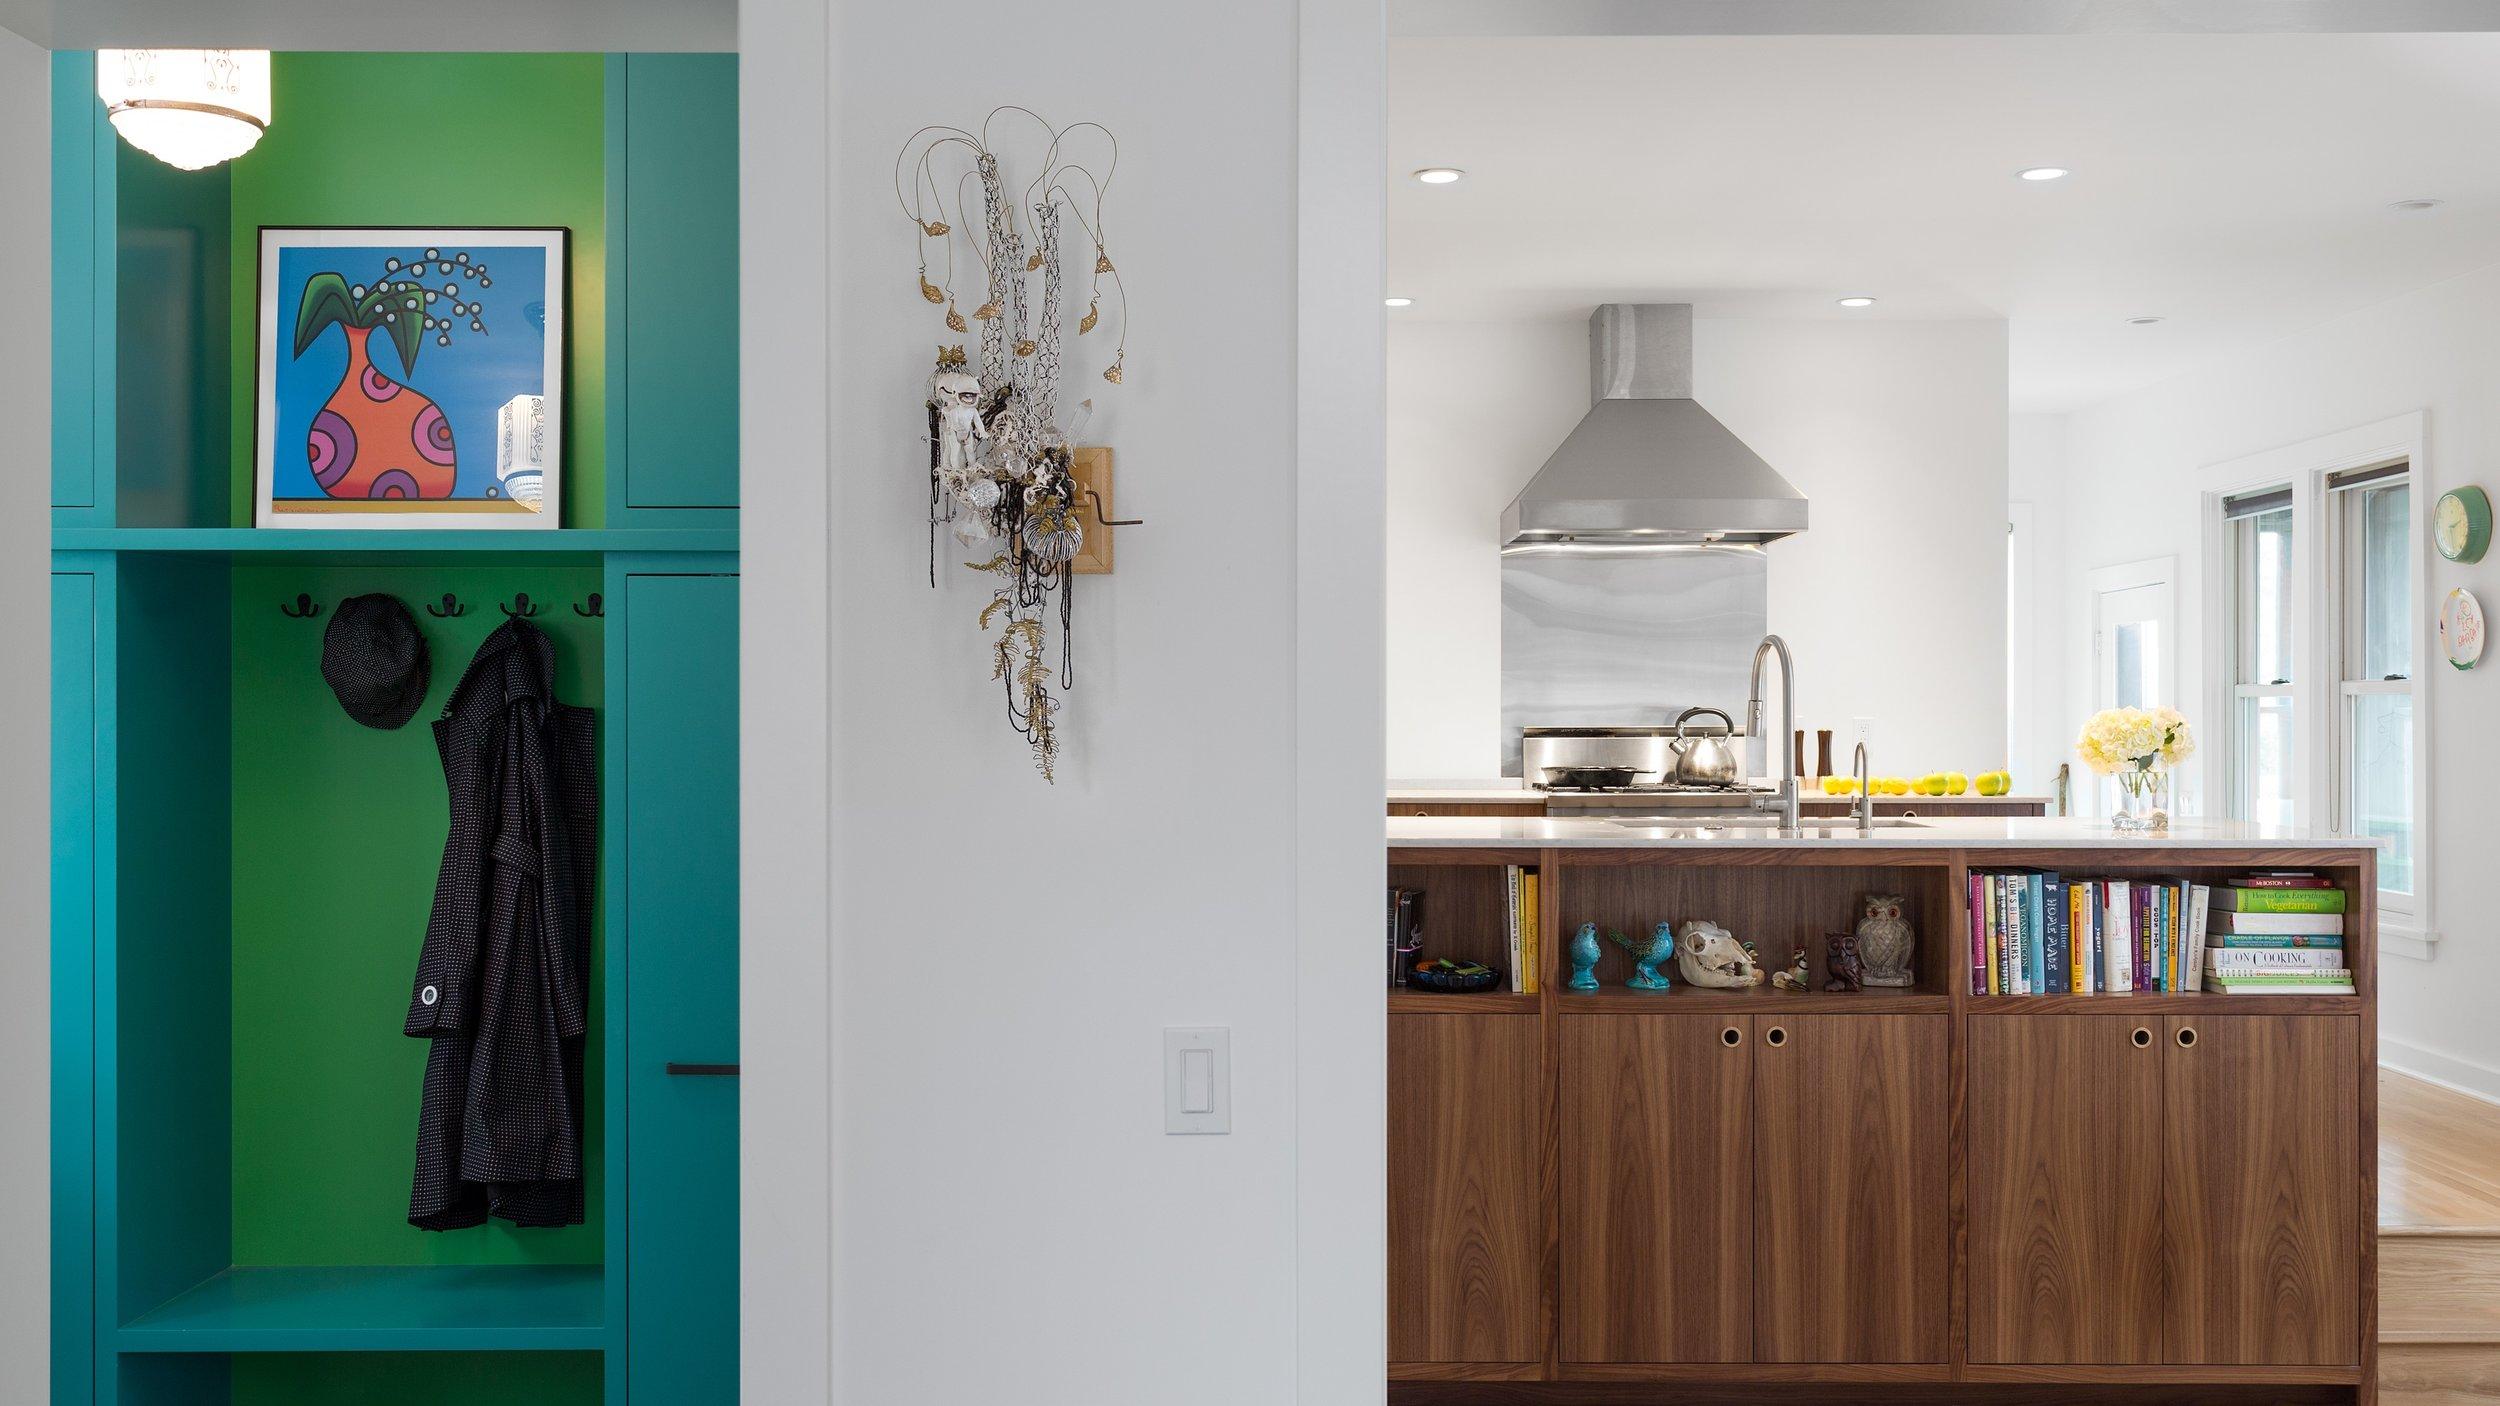 Ben Gebhardt - 2.duff-bluesound-entry-kitchen-widescreen.jpg